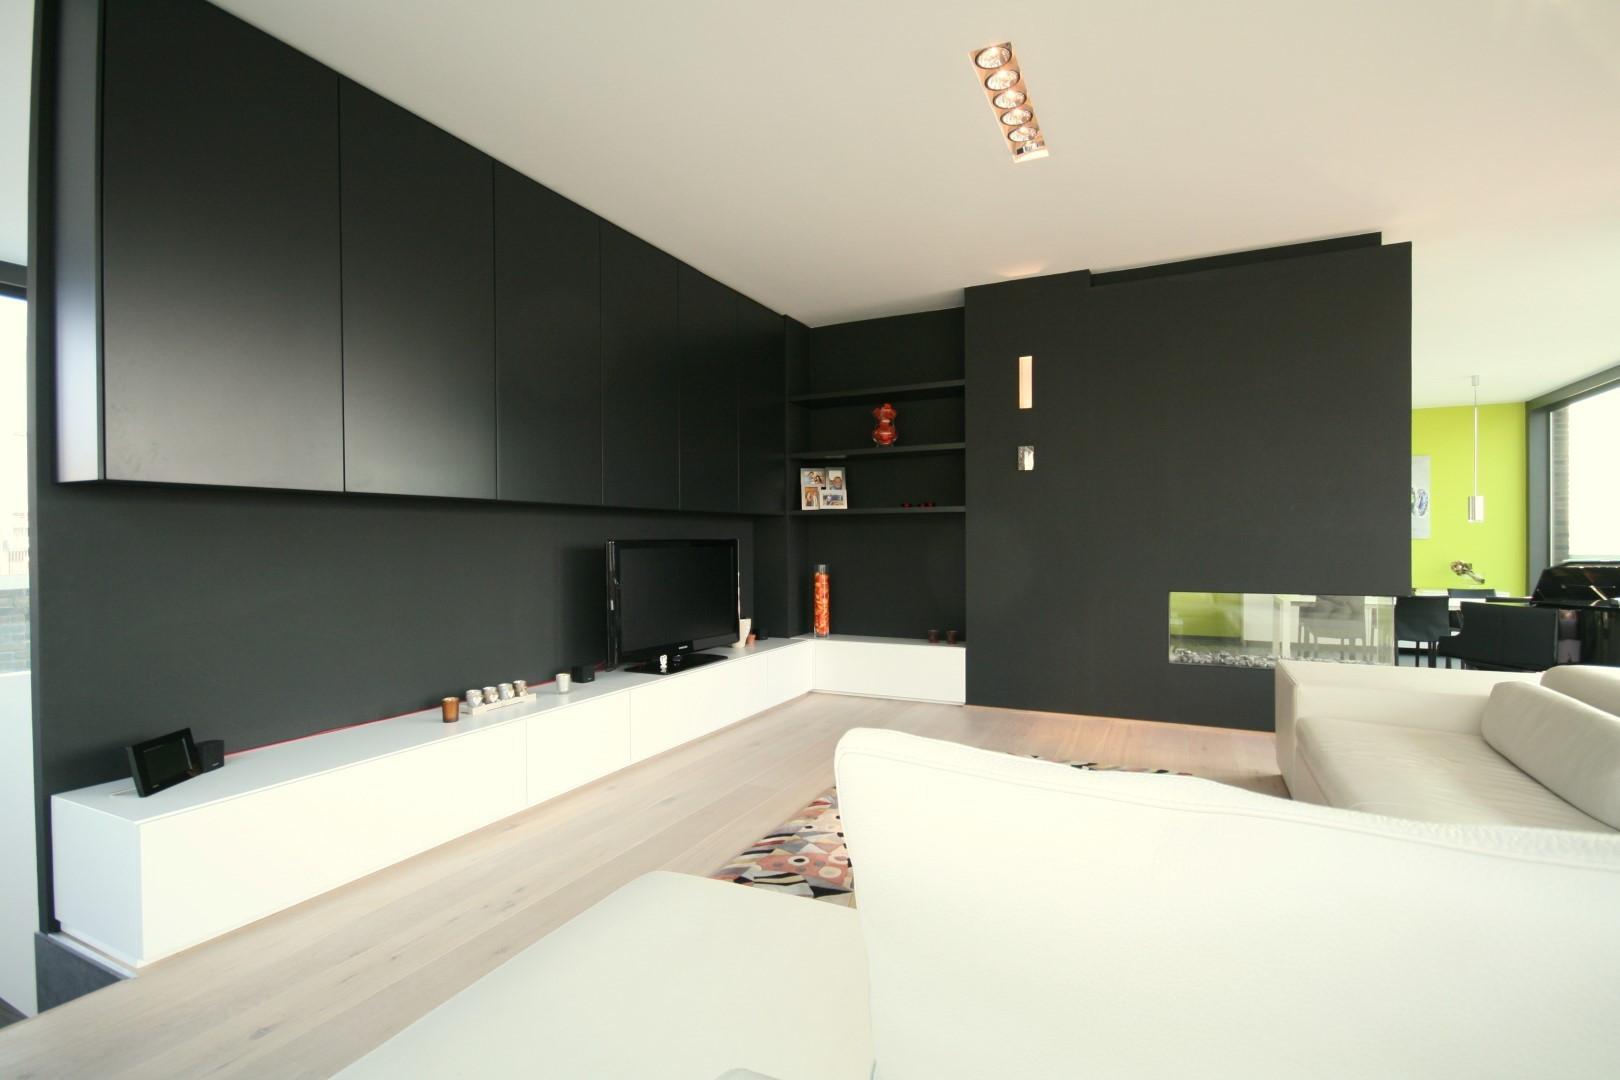 Compleet wandmeubel in de woonkamer › Kast-ID | Kasten, Meubelen ...